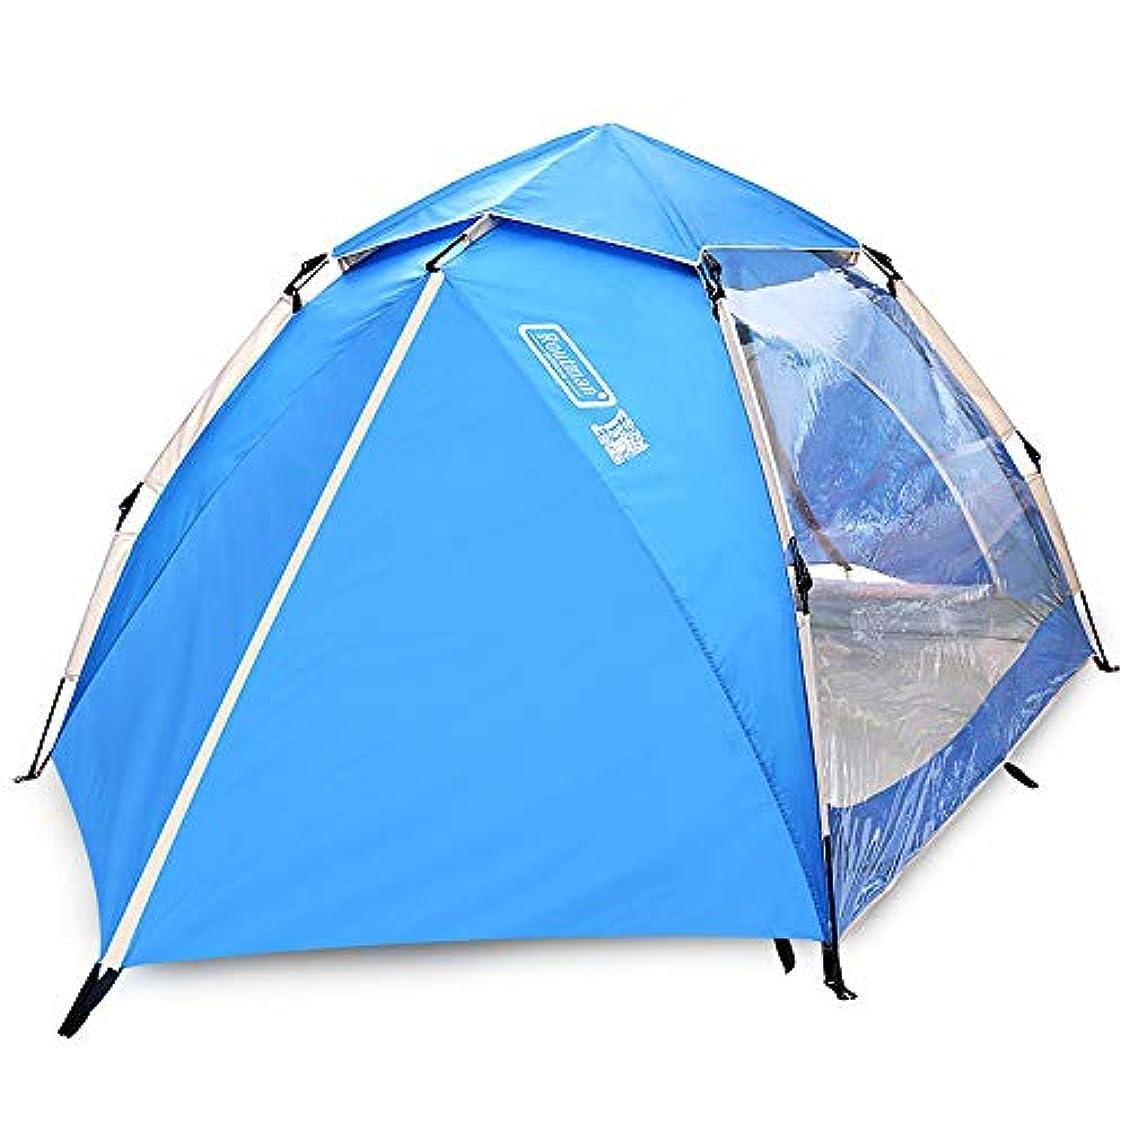 疑問を超えてダブルしてはいけない屋外の透明なテント、自動油圧テント、防水3-4人、野生のキャンプ